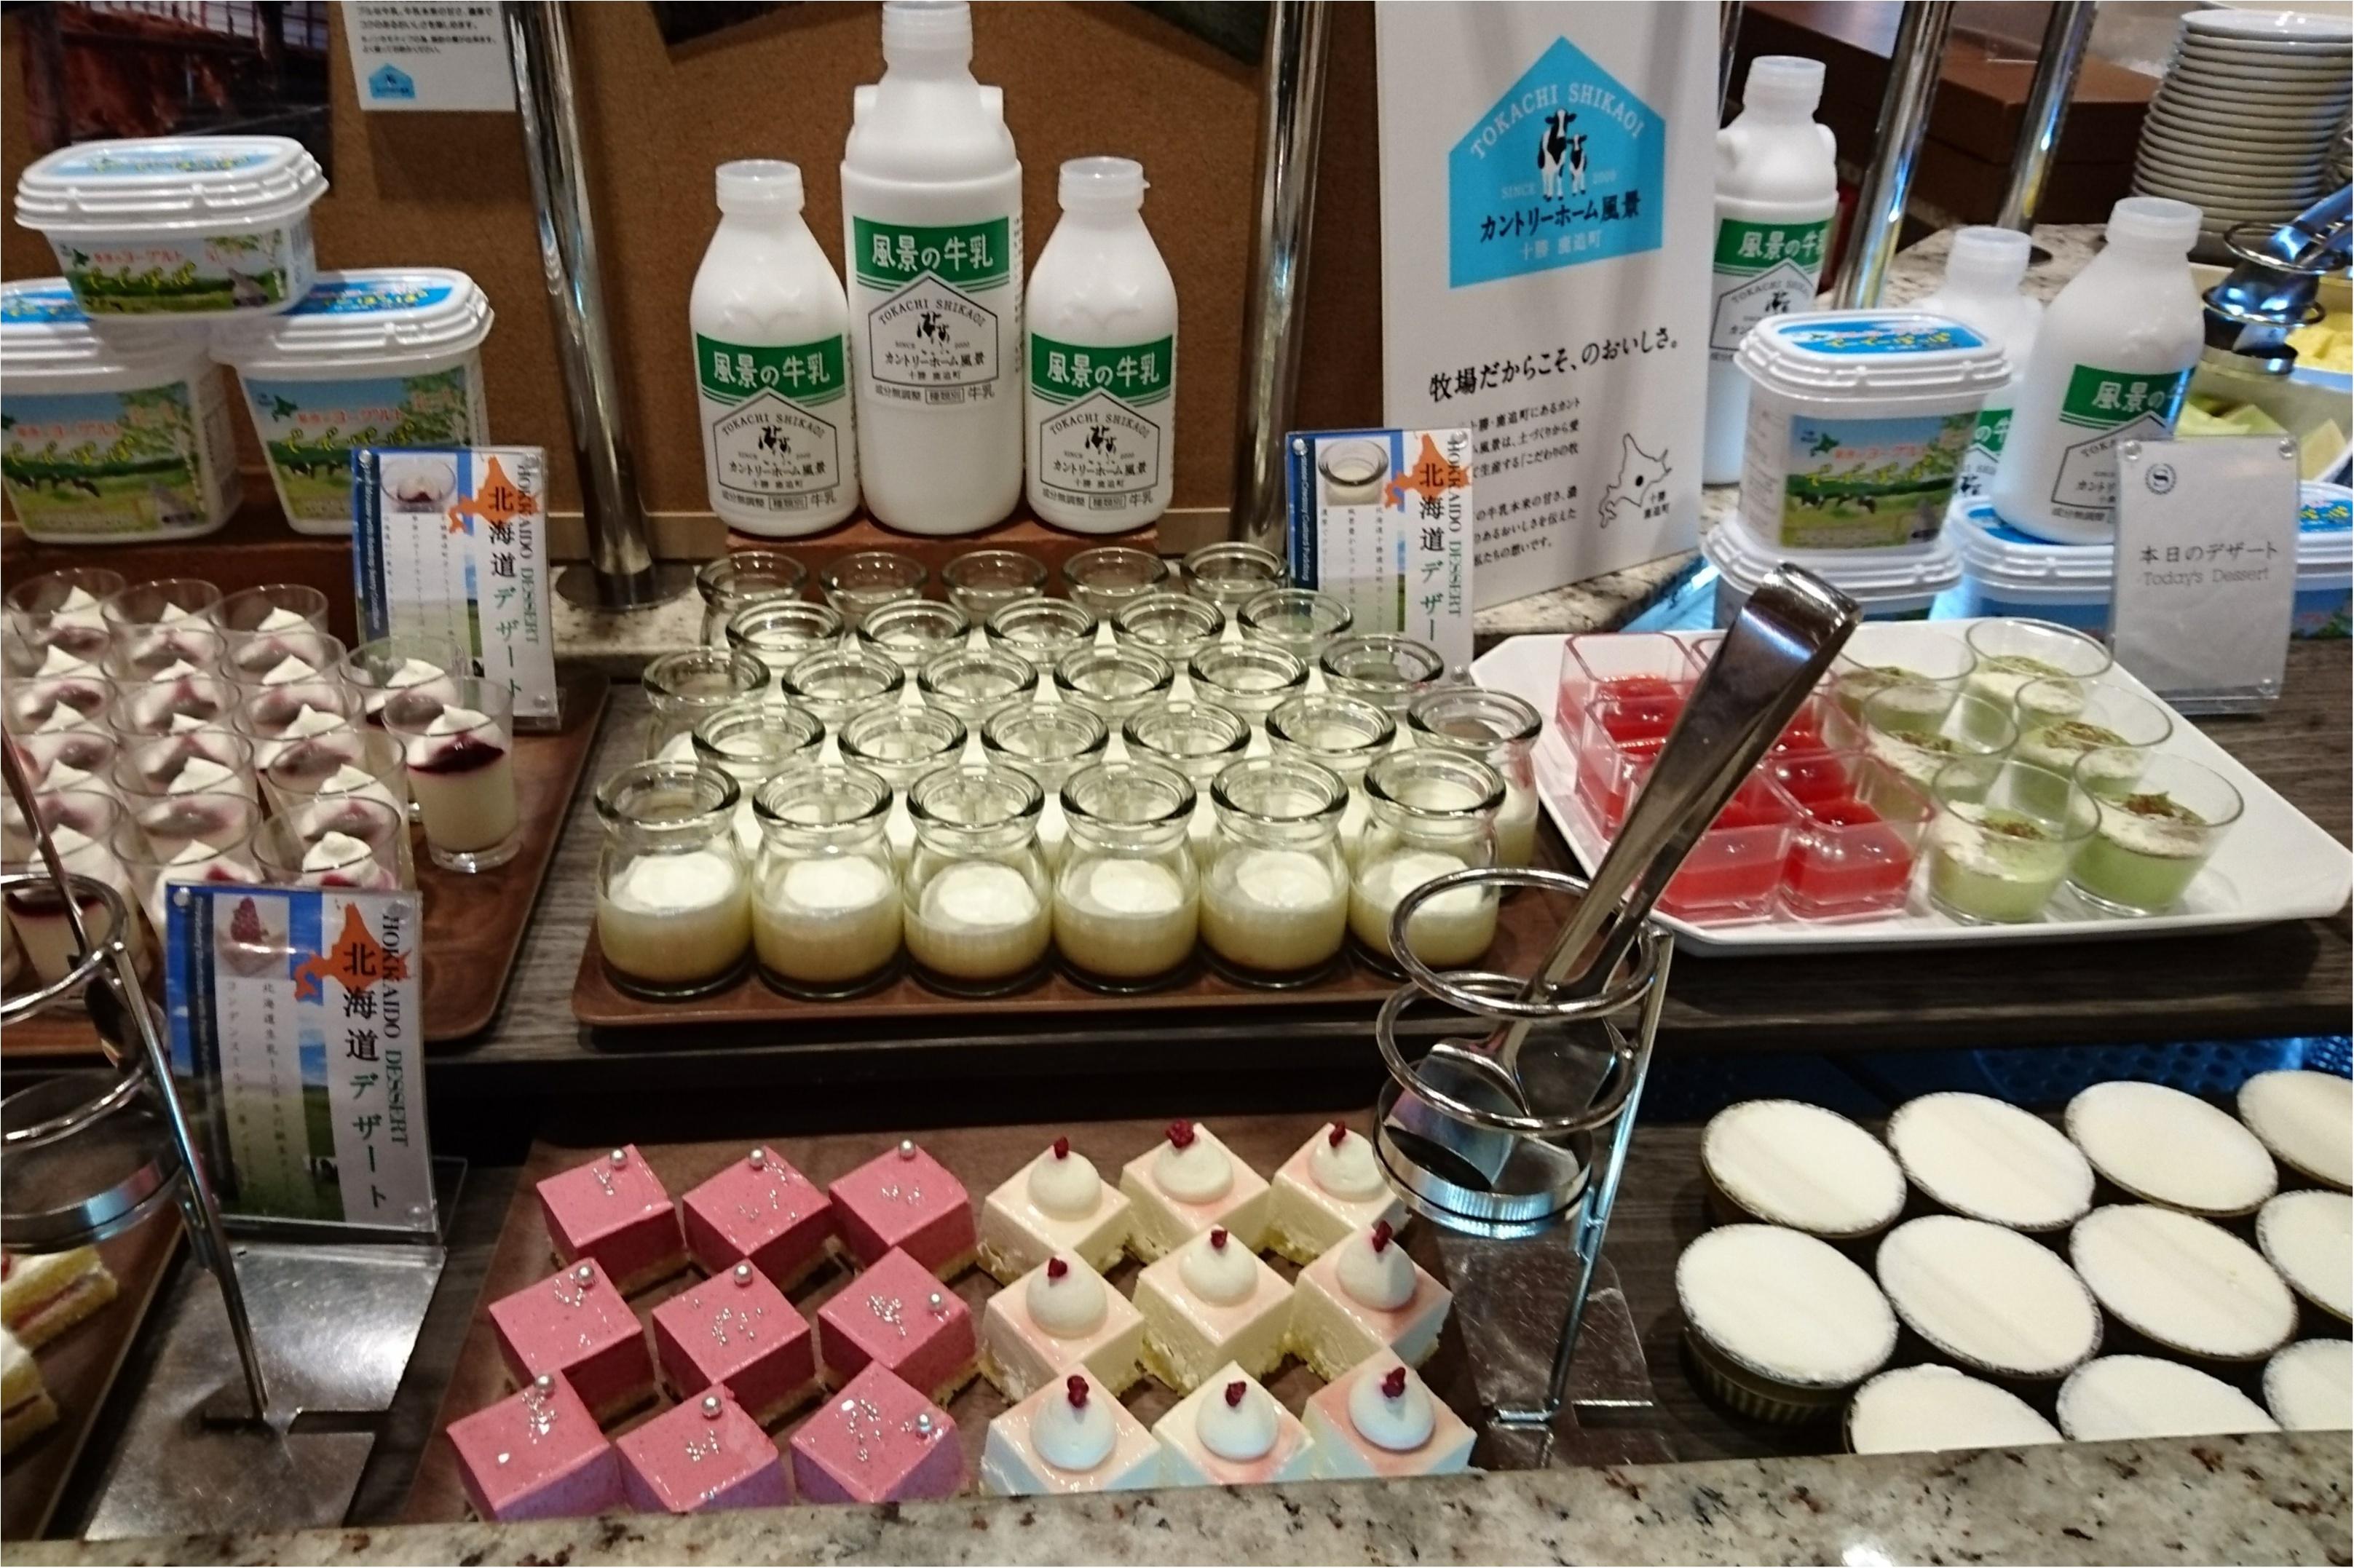 【ランチビュッフェ】おいしいものがたくさんの北海道フェアで大満足(〃ω〃)!_4